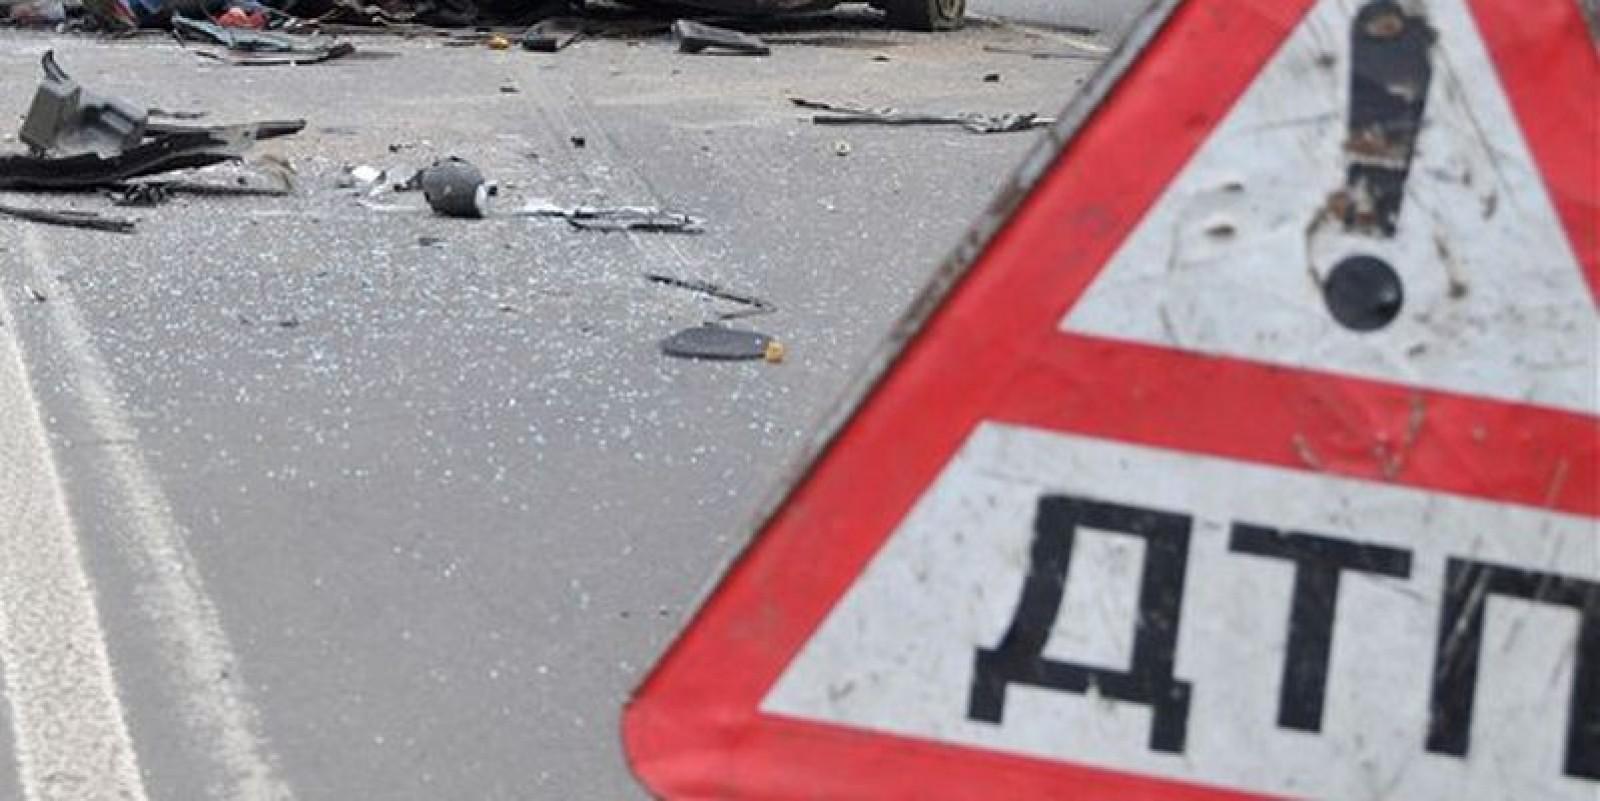 ДТП вКрыму: 6октября. ВДжанкое под колесами авто умер велосипедист